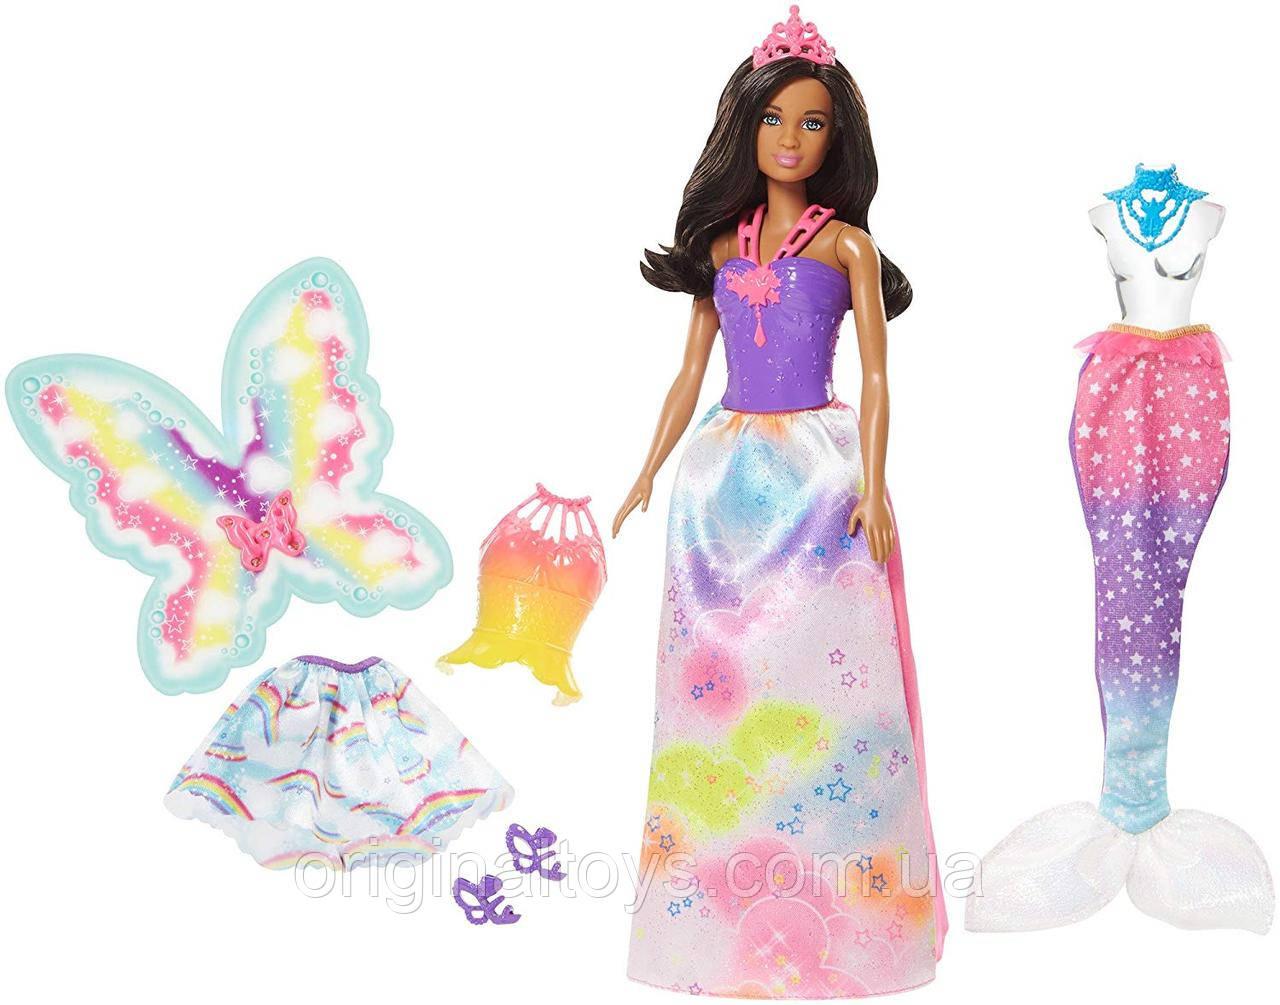 Лялька Барбі Дримтопия Чарівне перевтілення Barbie Dreamtopia FMV93